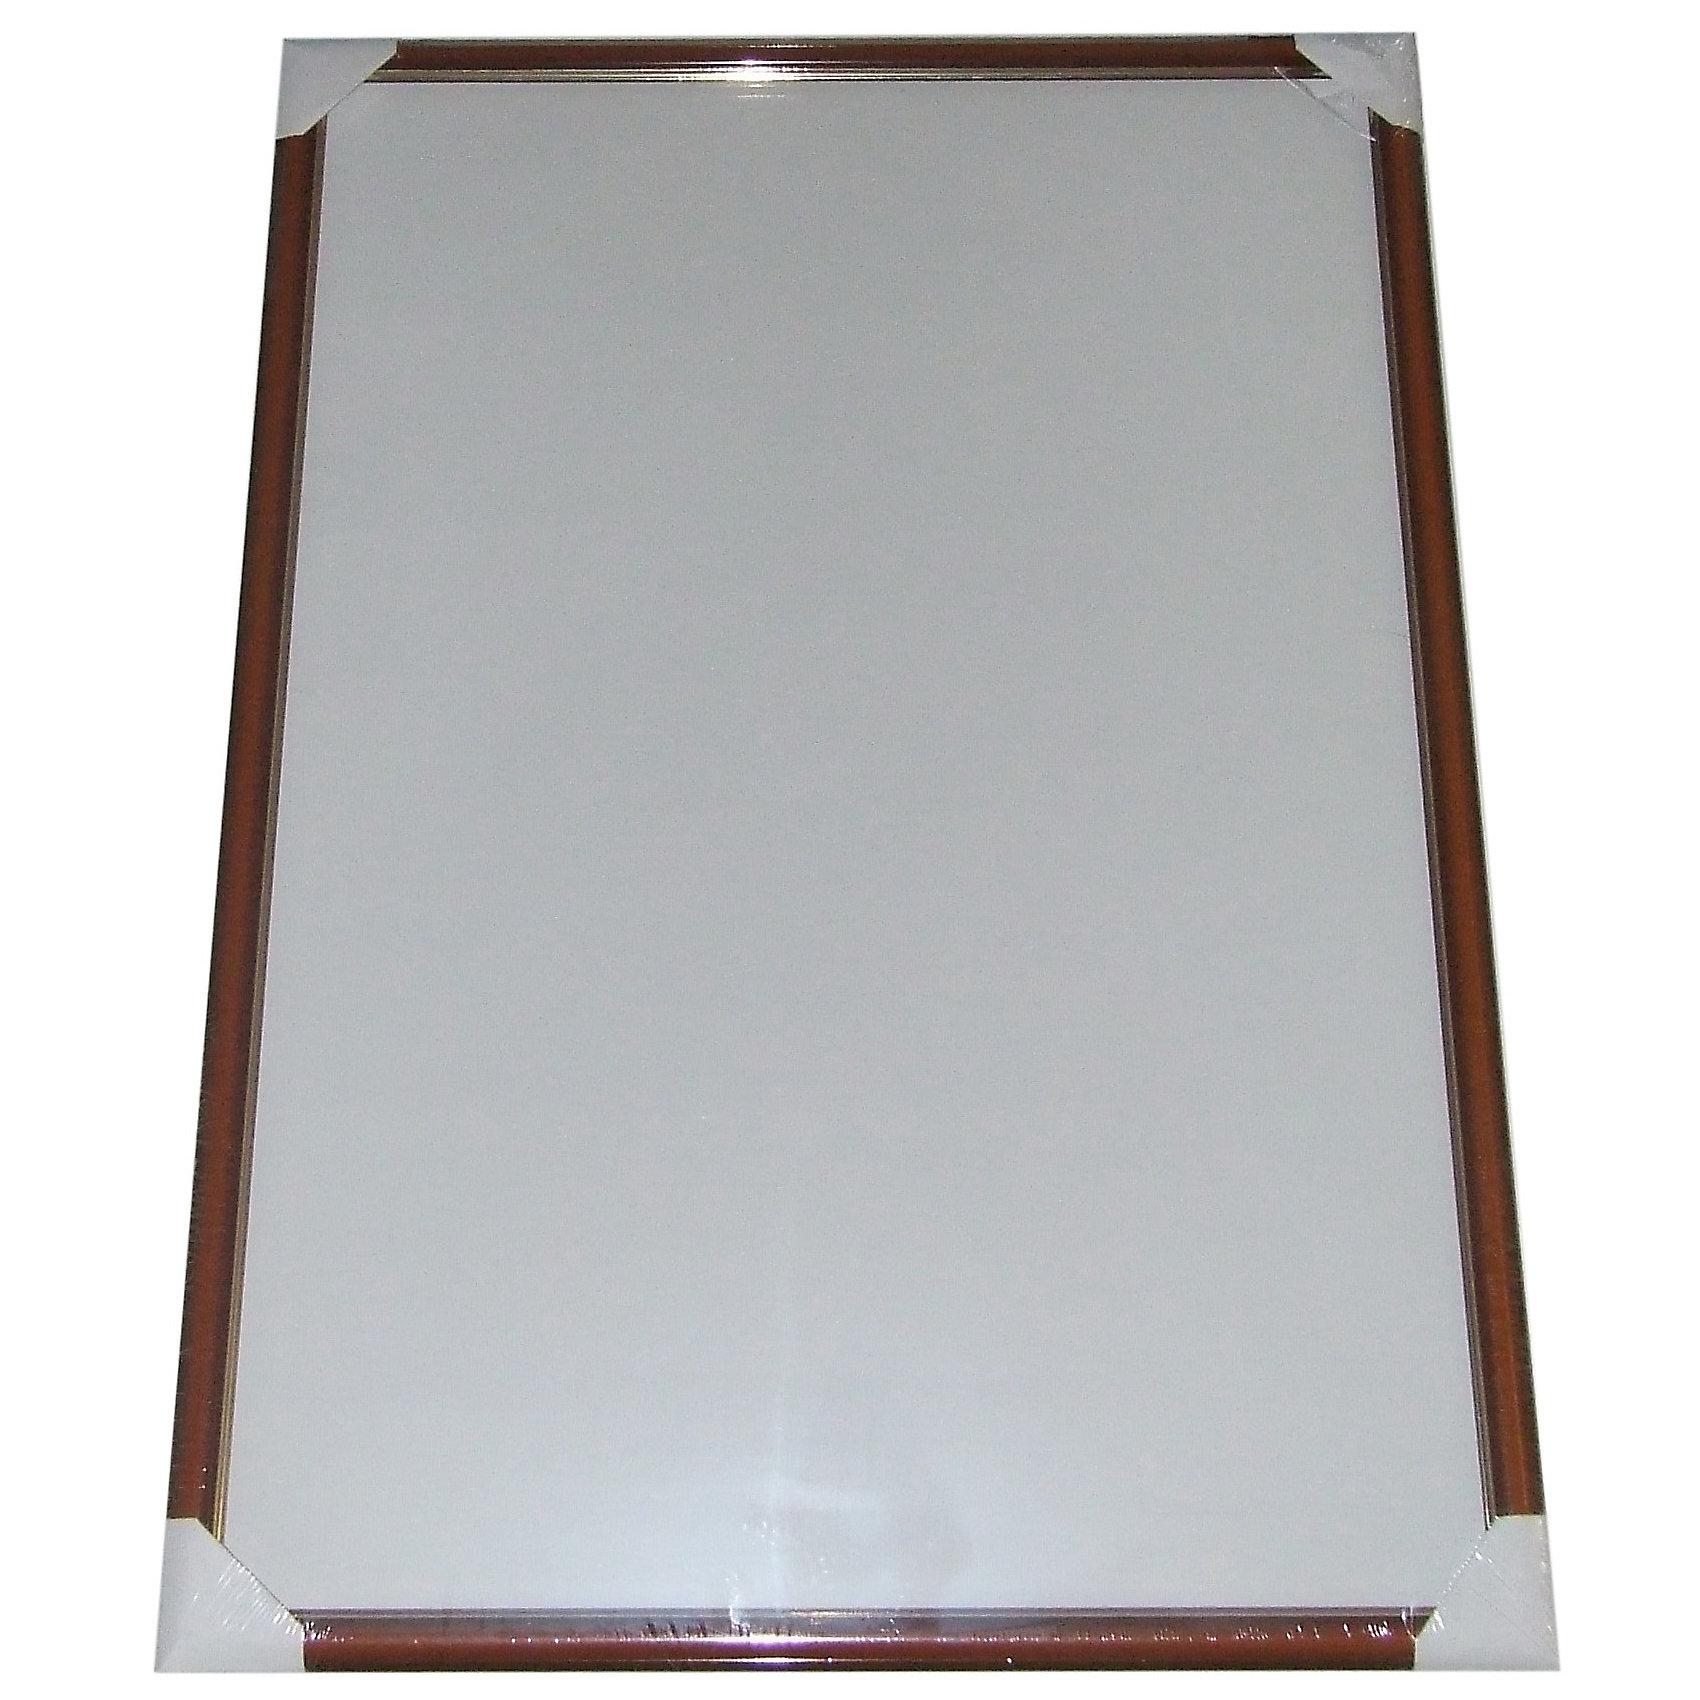 Рамка для пазла, 1000/1500 деталей, светло-коричневаяЧтобы собранный пазл мог послужить украшением интерьера, его нужно вставить в рамку и повесить на стену. <br><br>Дополнительная информация:<br><br>- Цвет: светло-коричневый.<br>- Материал рамки: пластик.<br>- Материал покрытия: пластик. <br>- Рамка подходит для пазла с количеством деталей 1000/1500 шт.,<br>- Размер: 68х47 см.<br><br>Ширина мм: 480<br>Глубина мм: 680<br>Высота мм: 20<br>Вес г: 400<br>Возраст от месяцев: 108<br>Возраст до месяцев: 1188<br>Пол: Унисекс<br>Возраст: Детский<br>SKU: 3197390